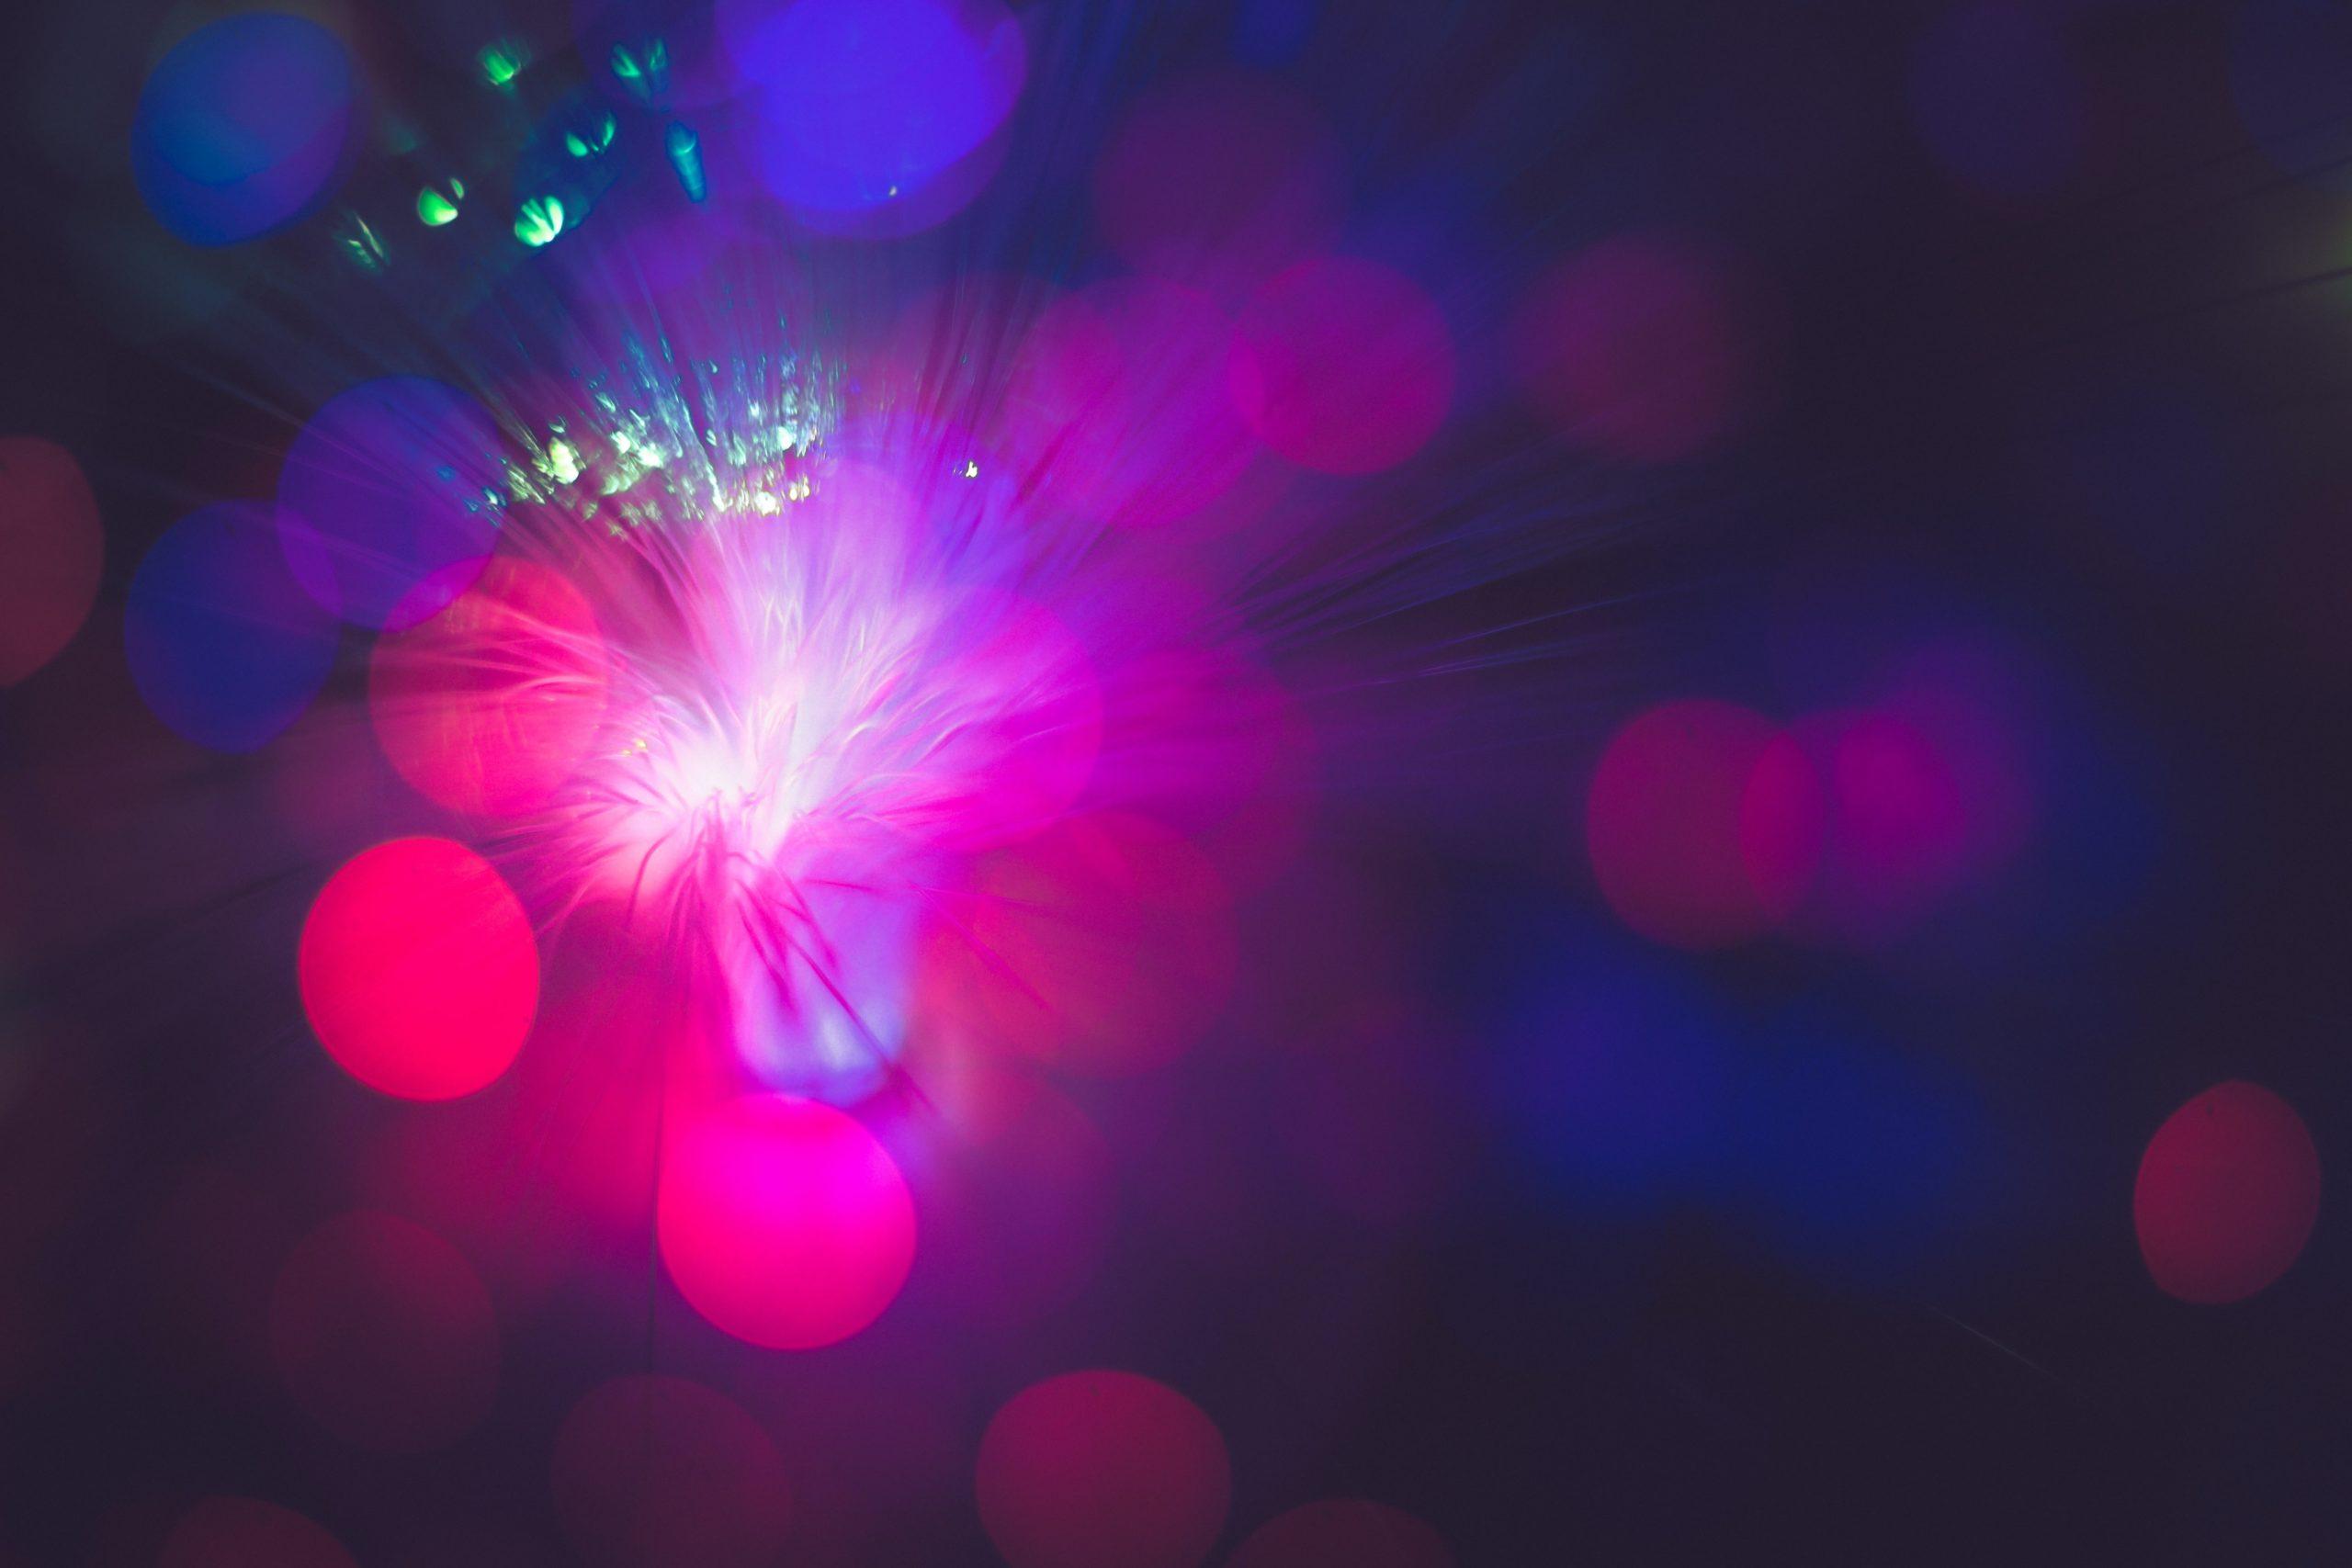 Abstraktes Bild mit roten und blauen Lichtern